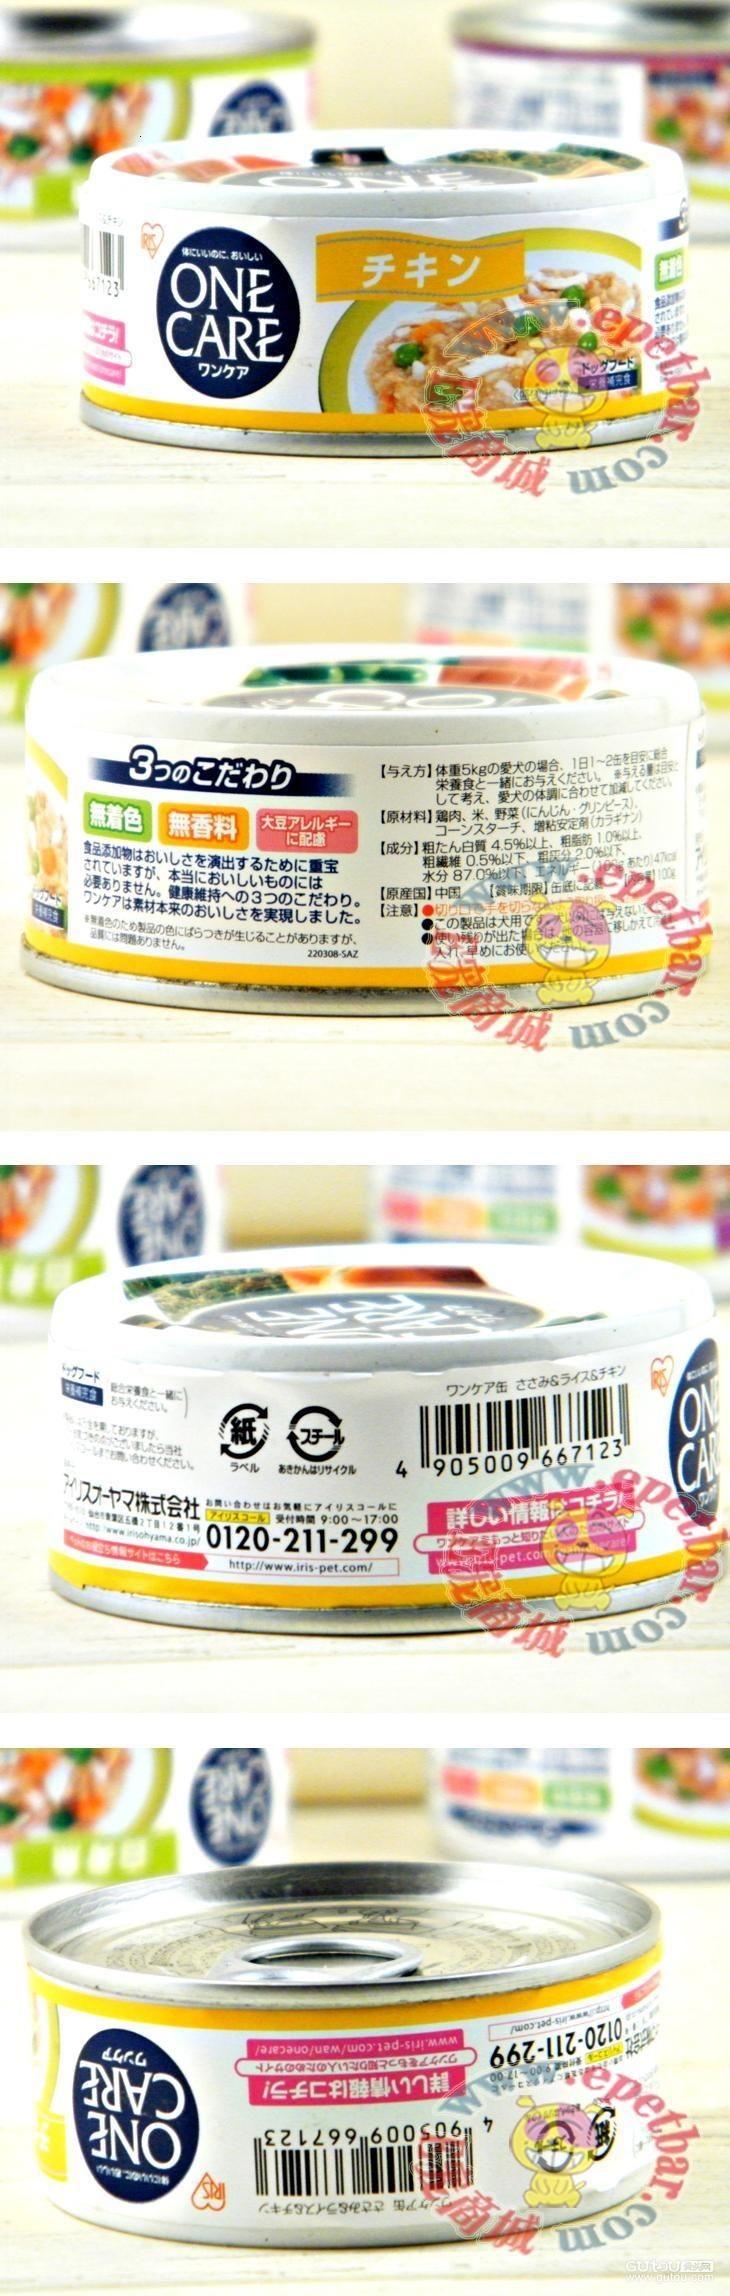 宠物商城狗狗用品网为你的爱宠提供:畅销全球 日本爱丽思IRIS ONE CARE系列犬罐头 鸡肉蔬菜口味(单个装) 100g